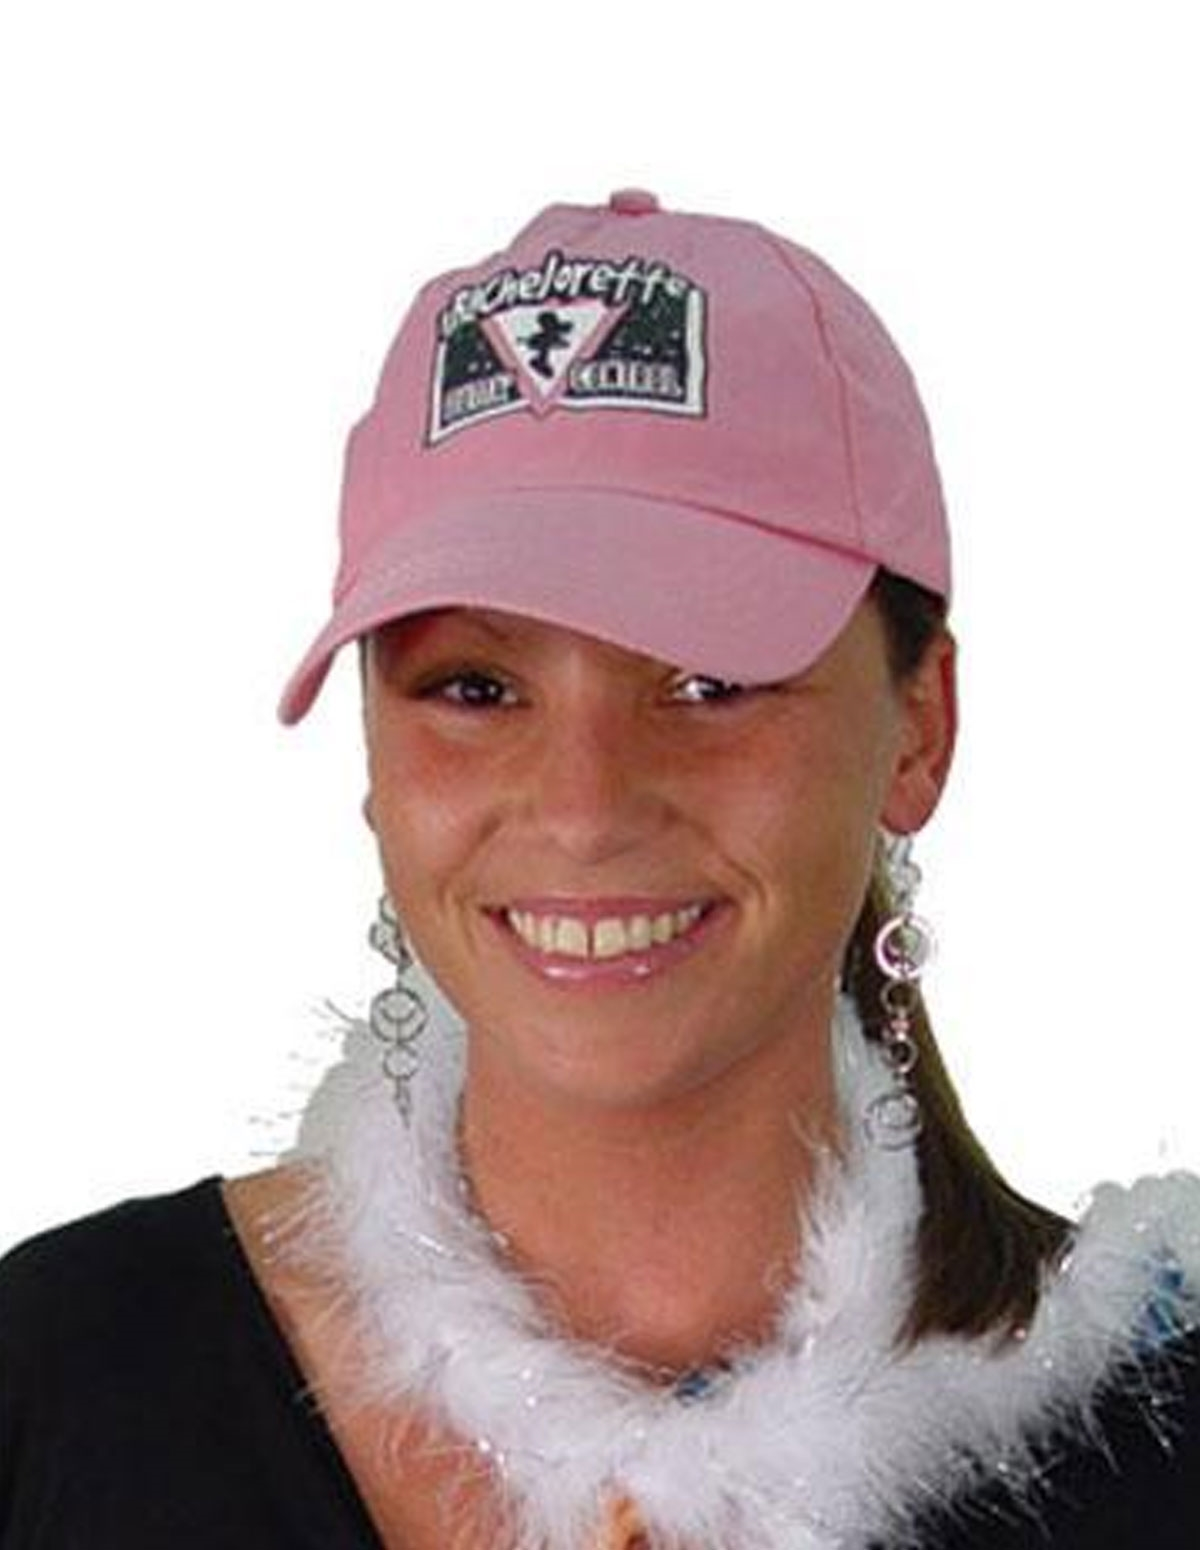 Bachelorette Autograph Hat